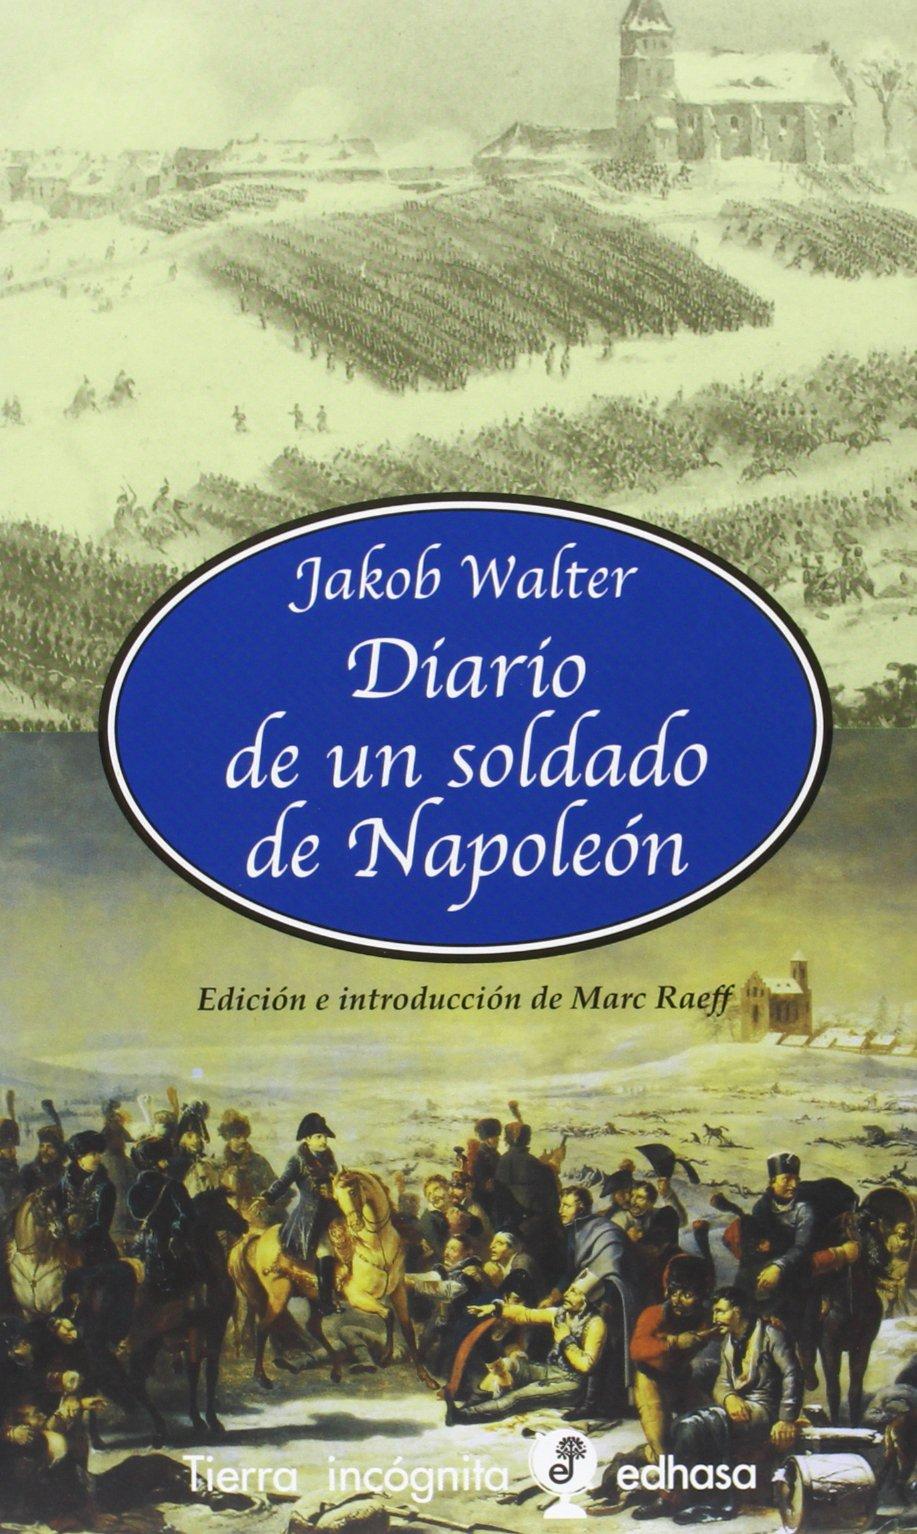 Diario de un soldado de Napoleón